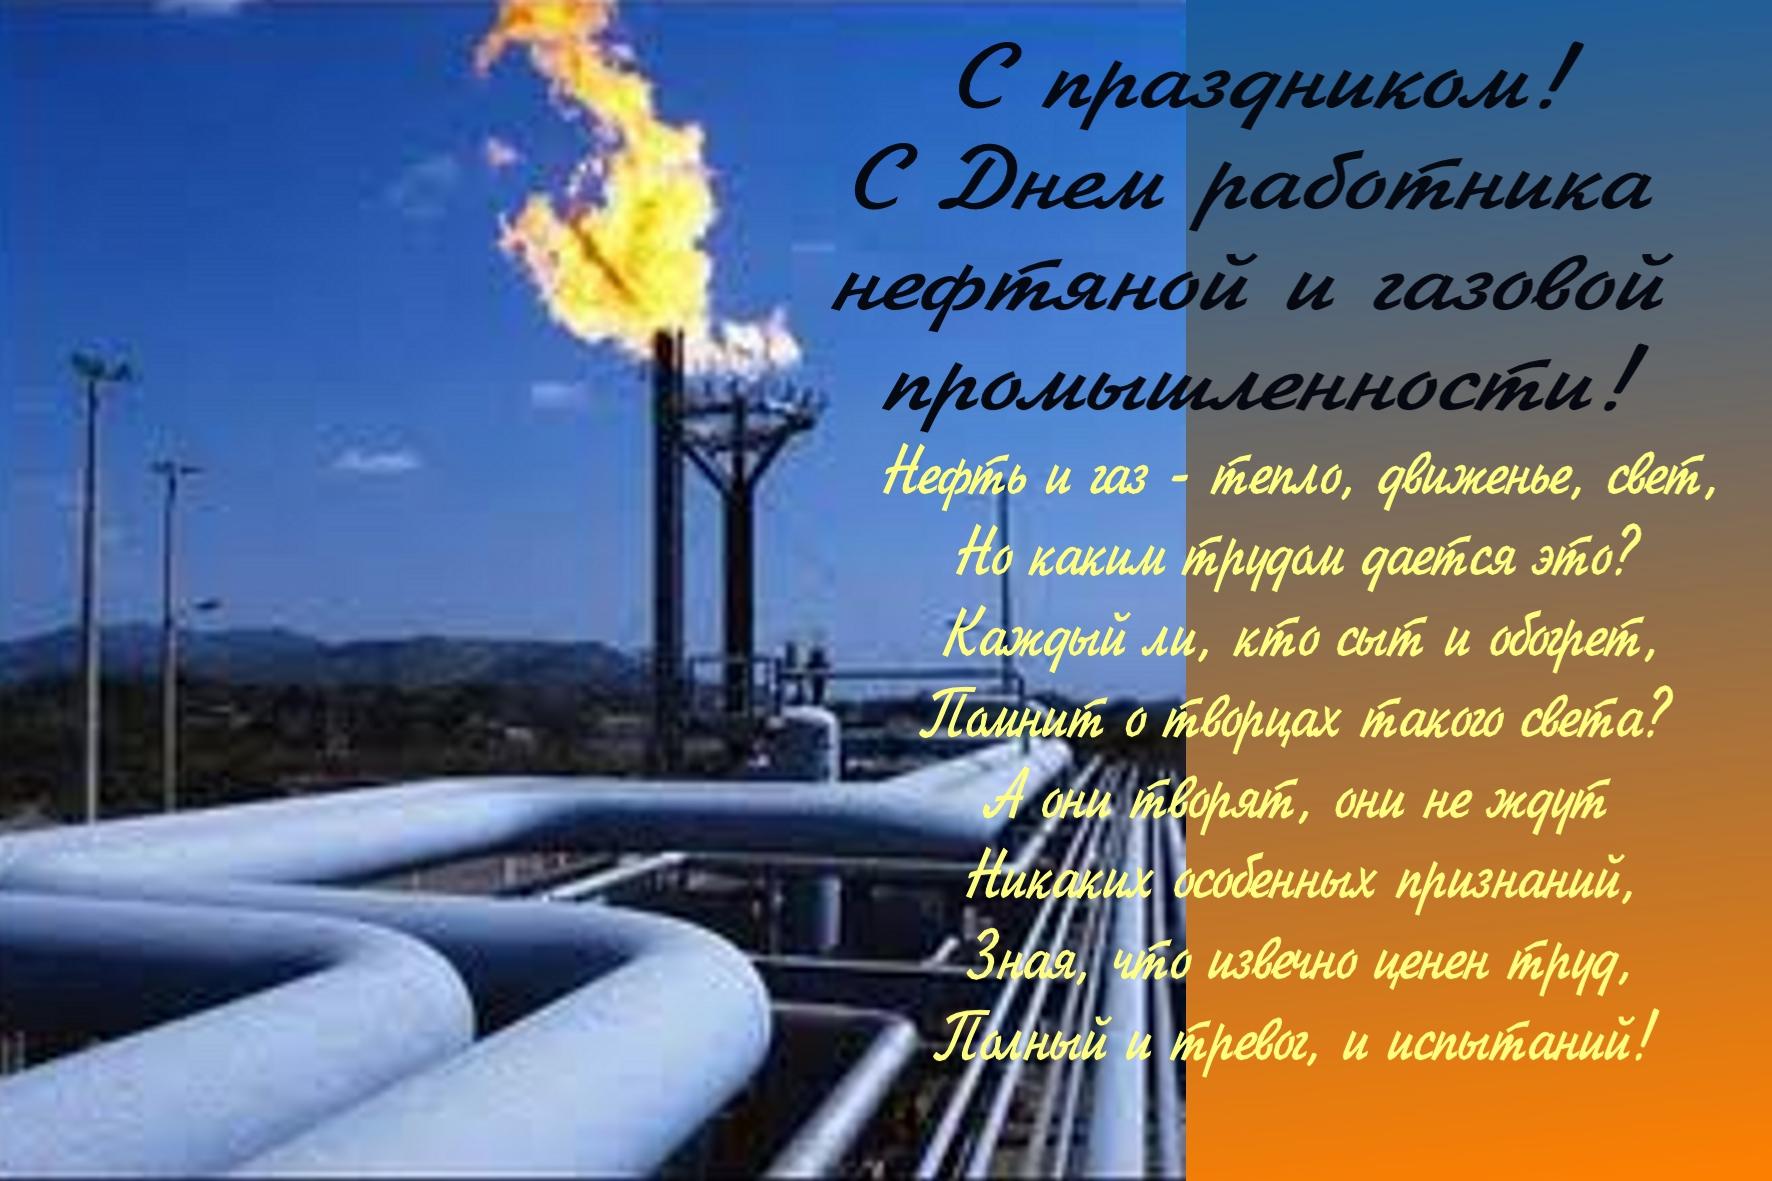 Поздравление с днем нефтяника официальное фото 22